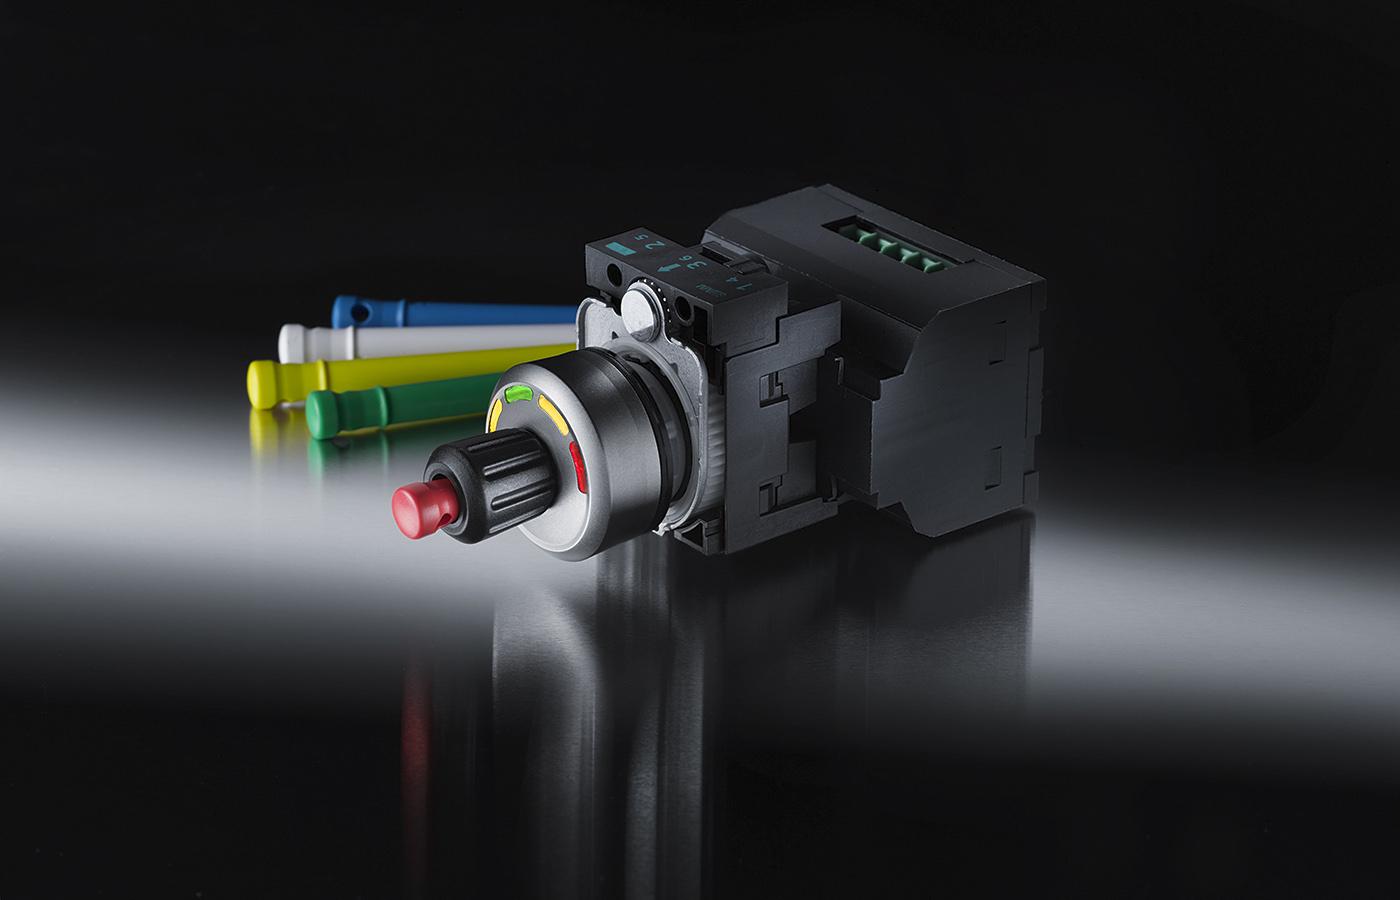 Nyhet: Ny typ av nyckelbrytare med RFID teknologi.